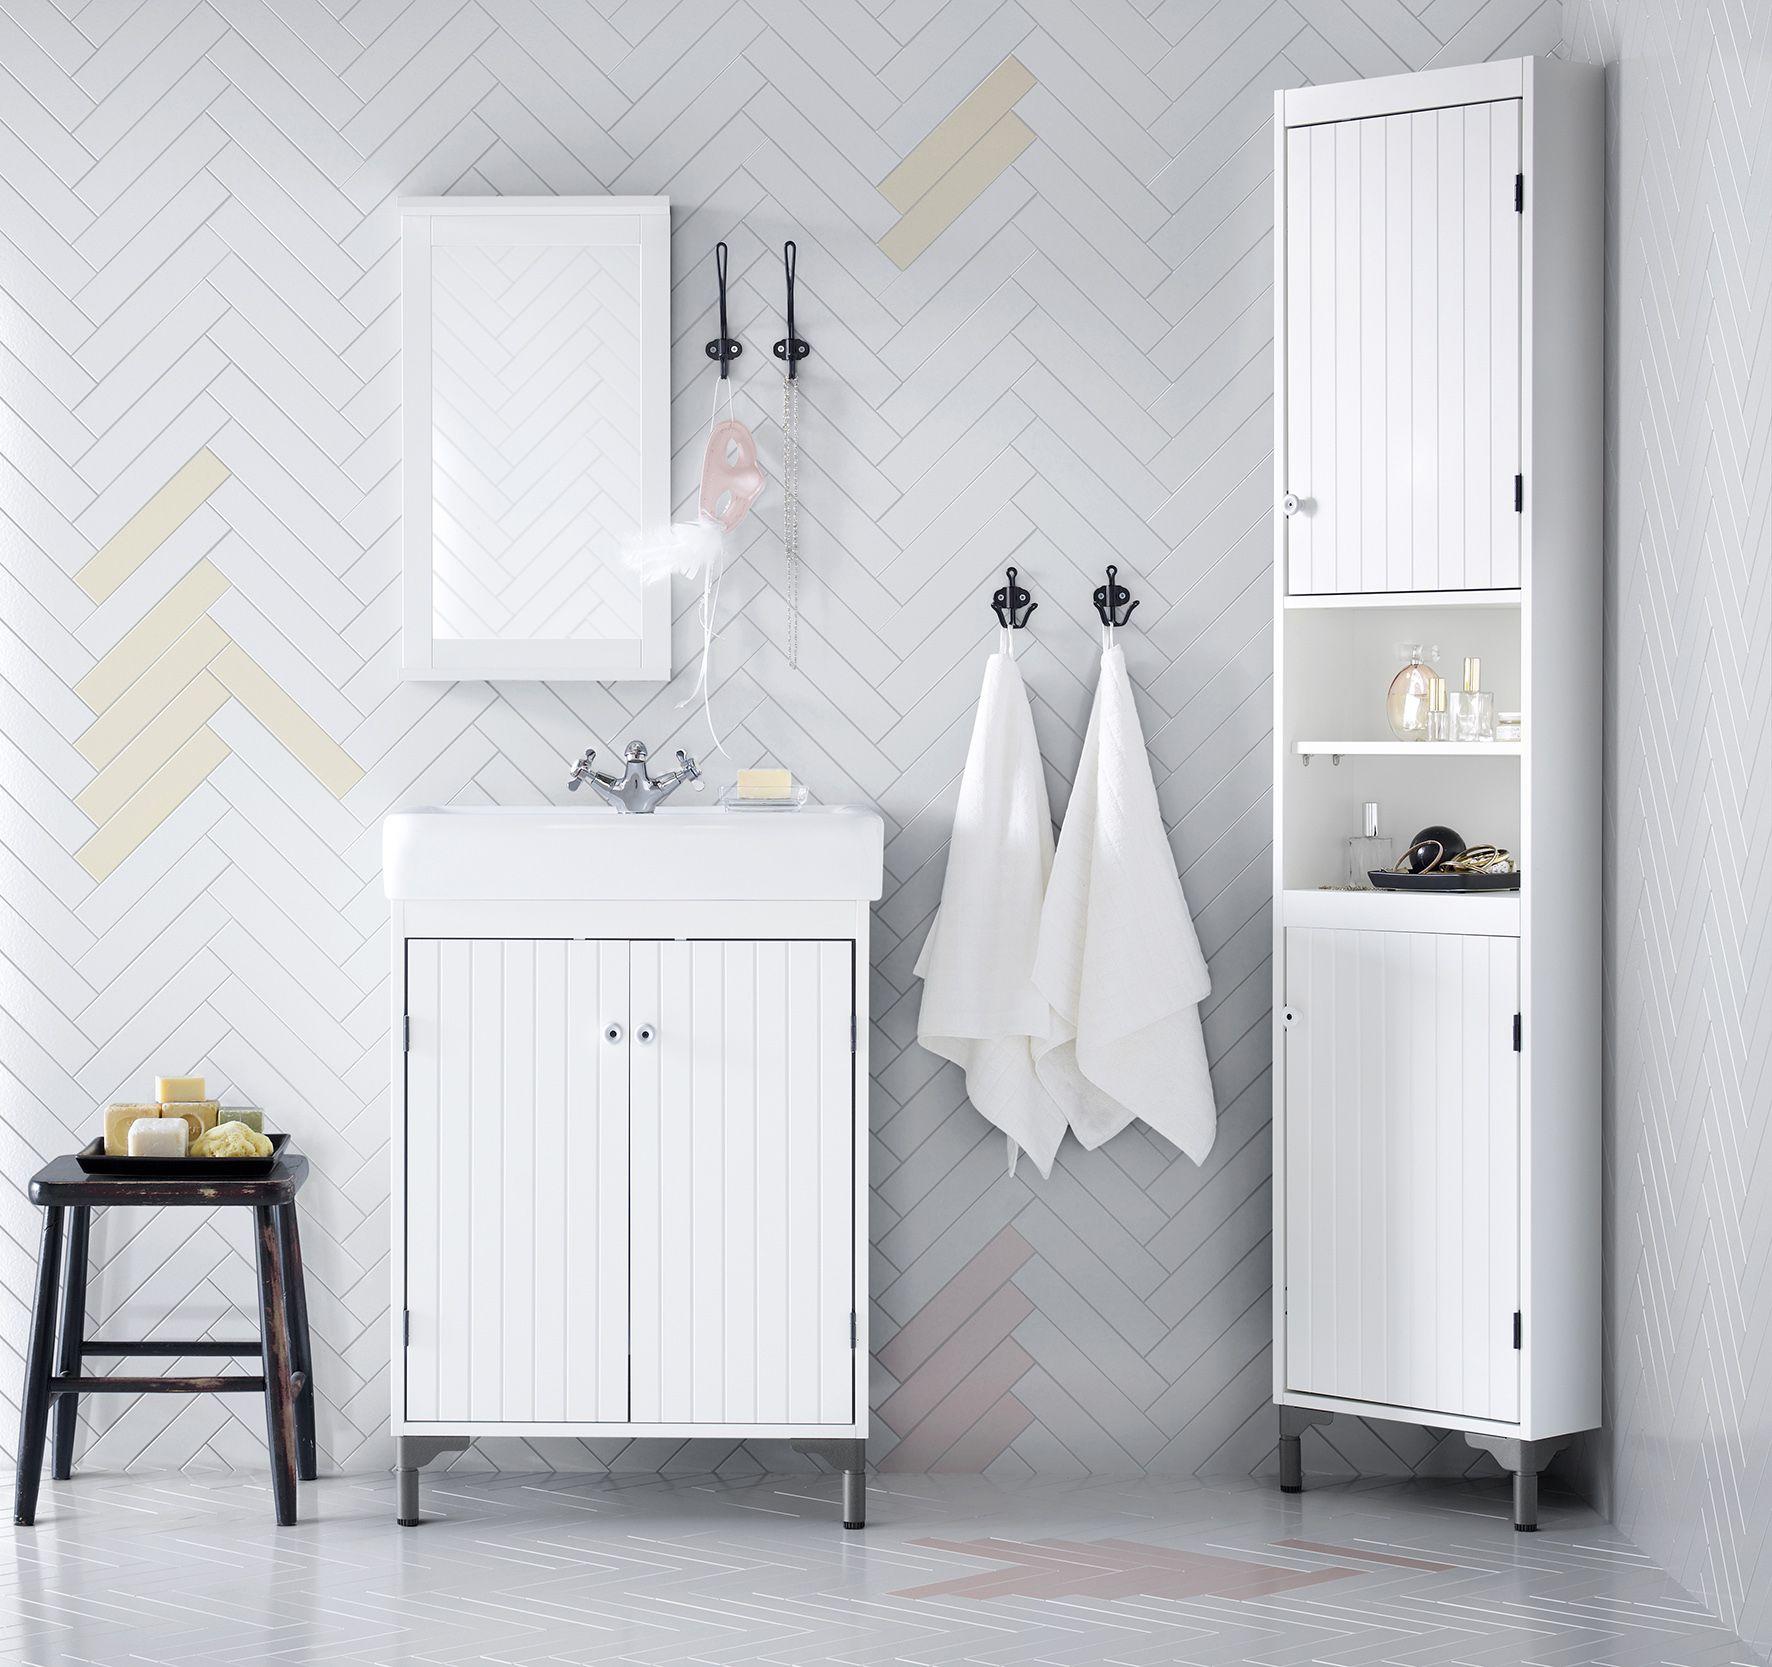 4 ikea silveran serie badkamer pinterest appartements